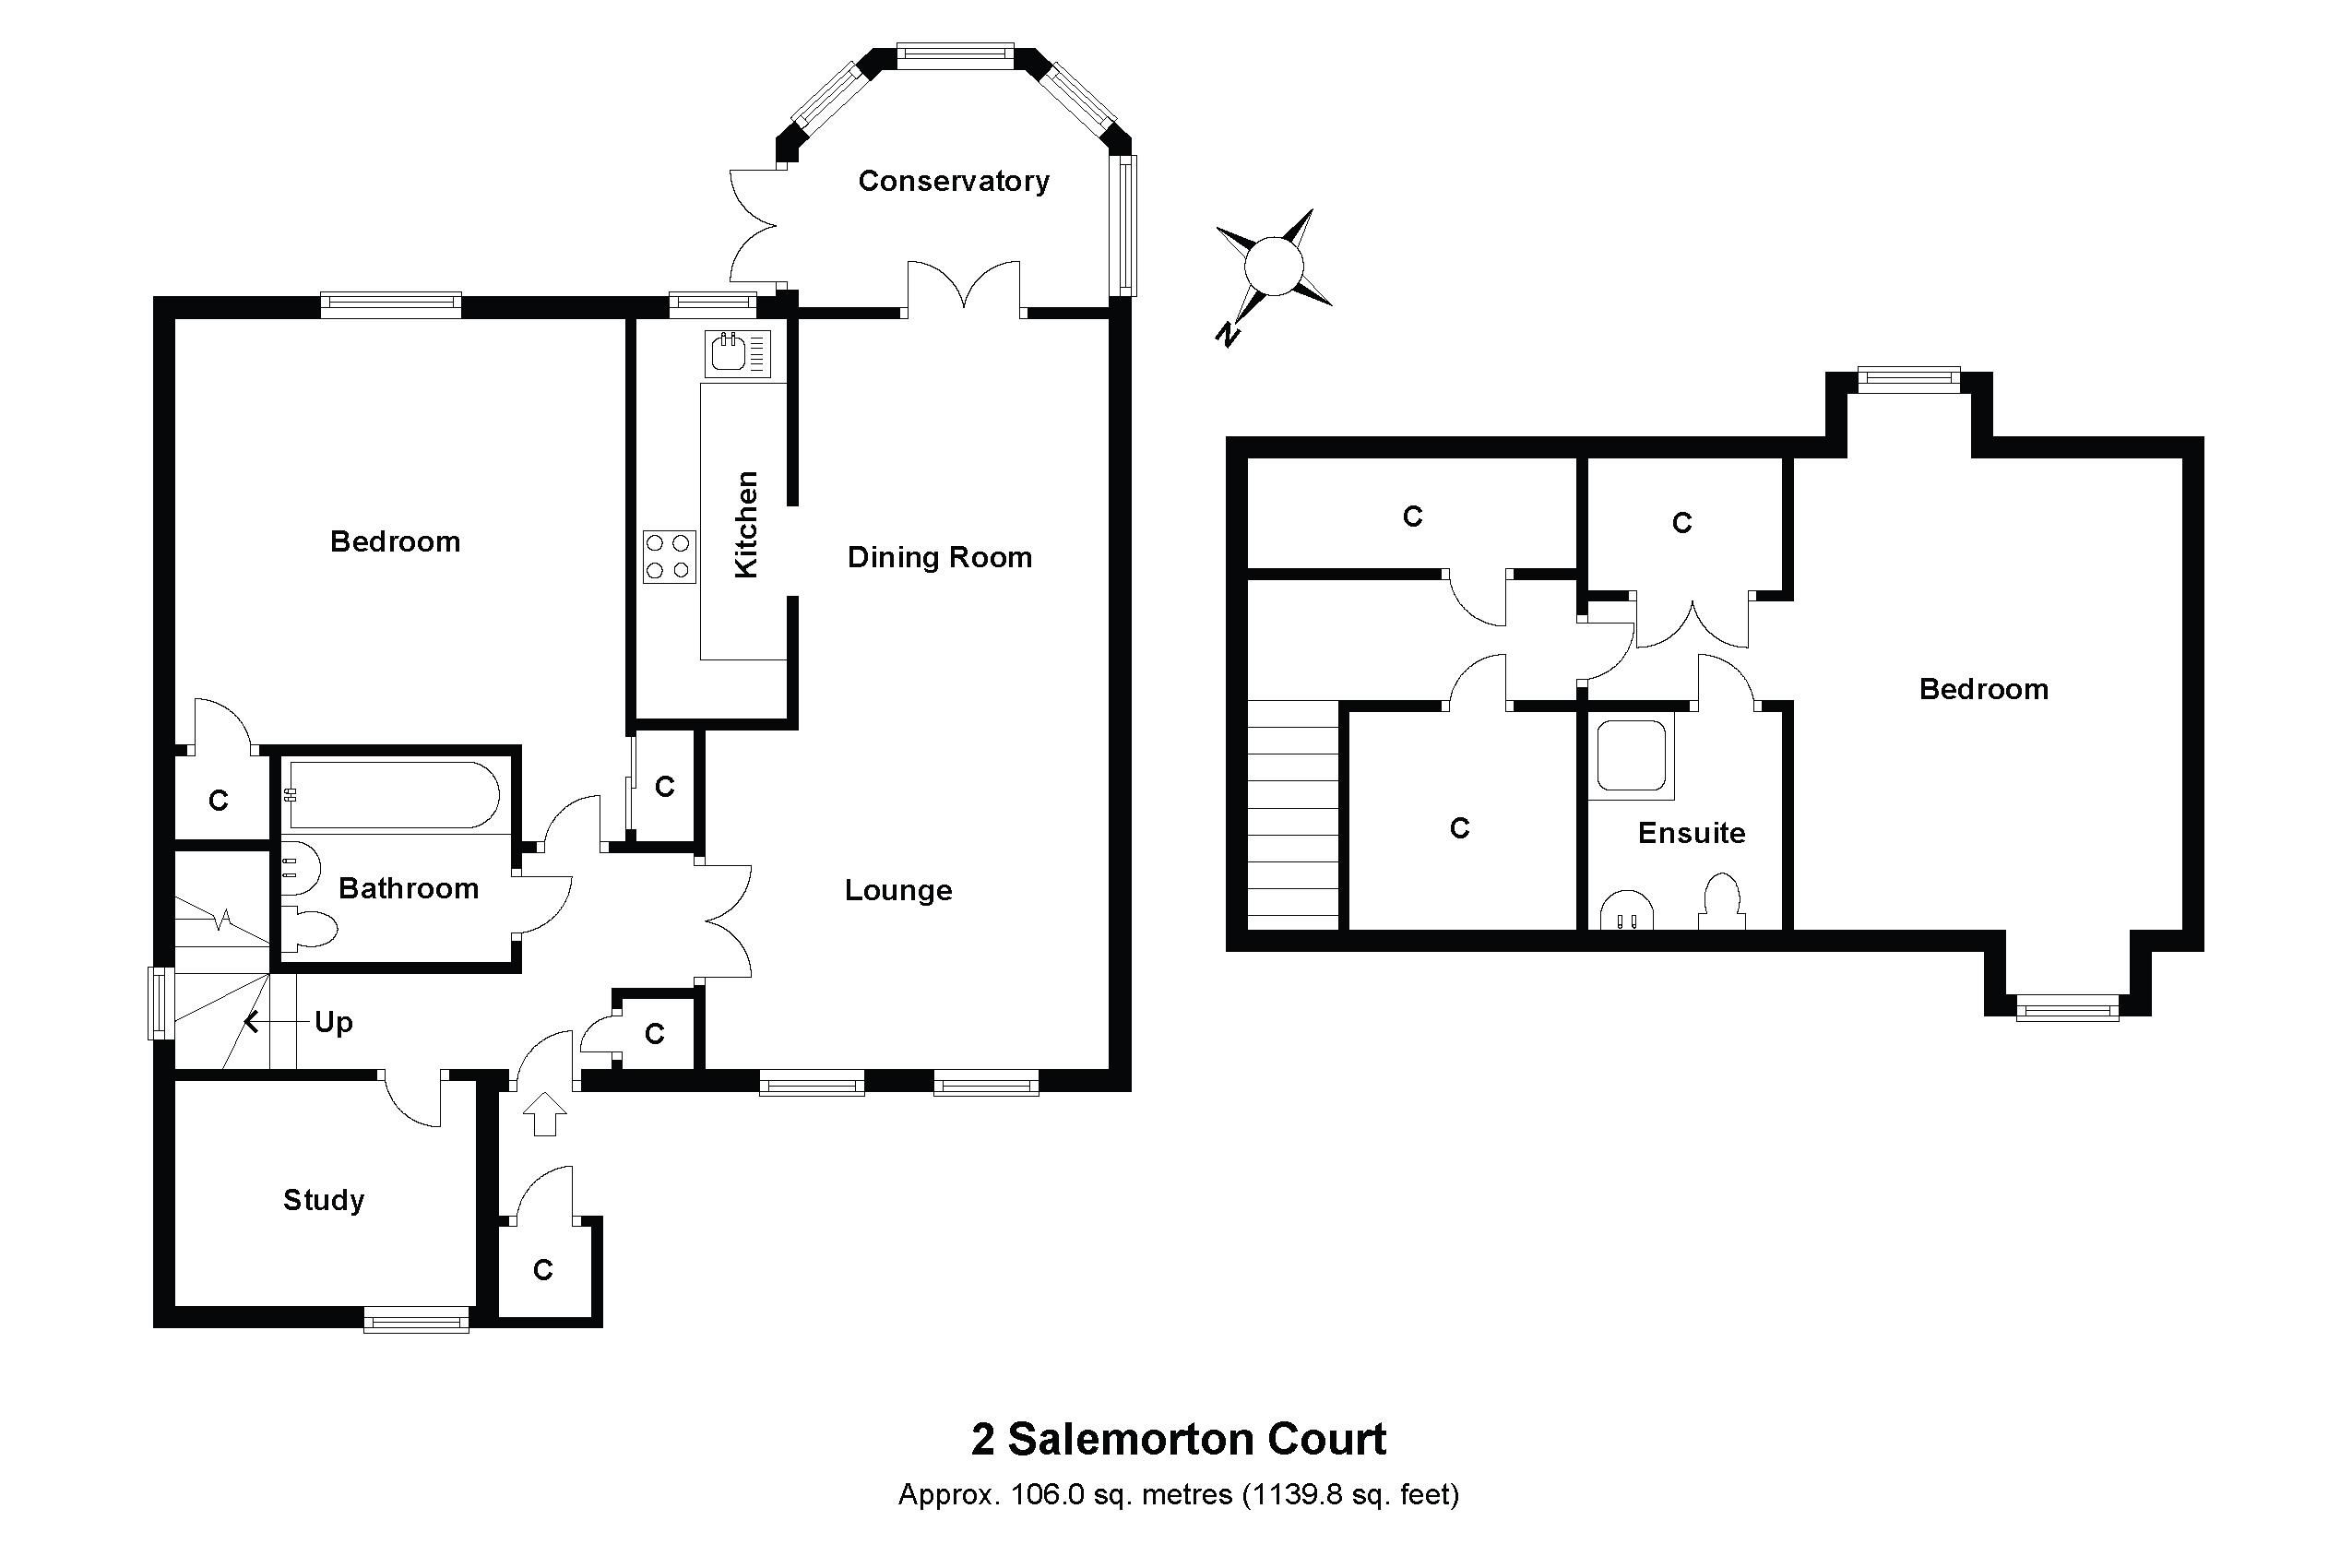 2 Salemorton Court Floorplan